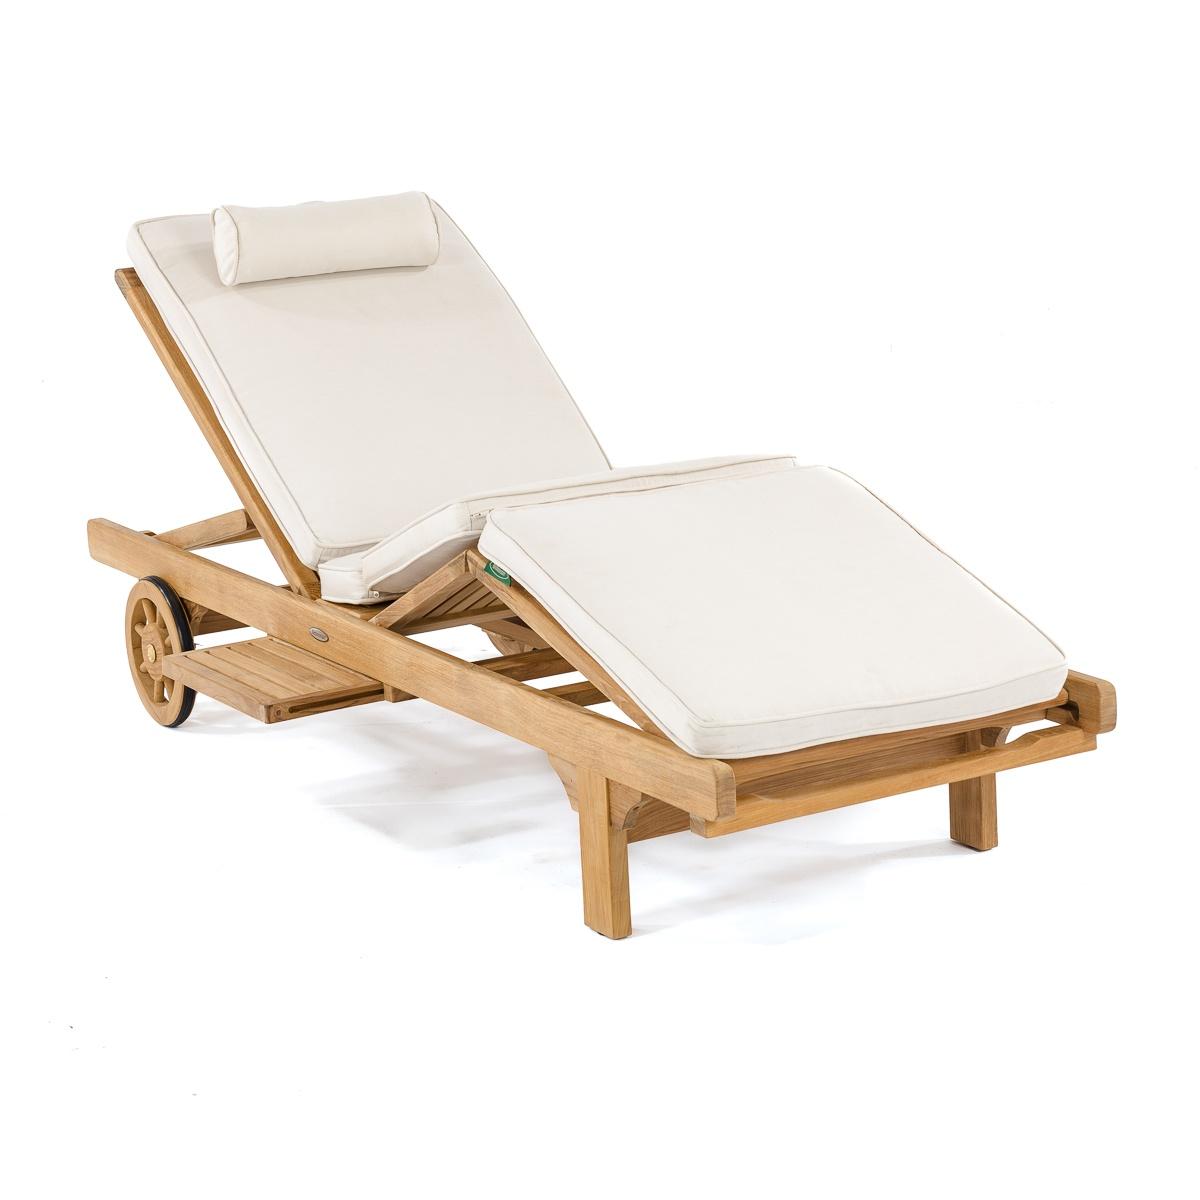 cushions for teak steamer chairs sears high canada sunbrella lounger cushion westminster